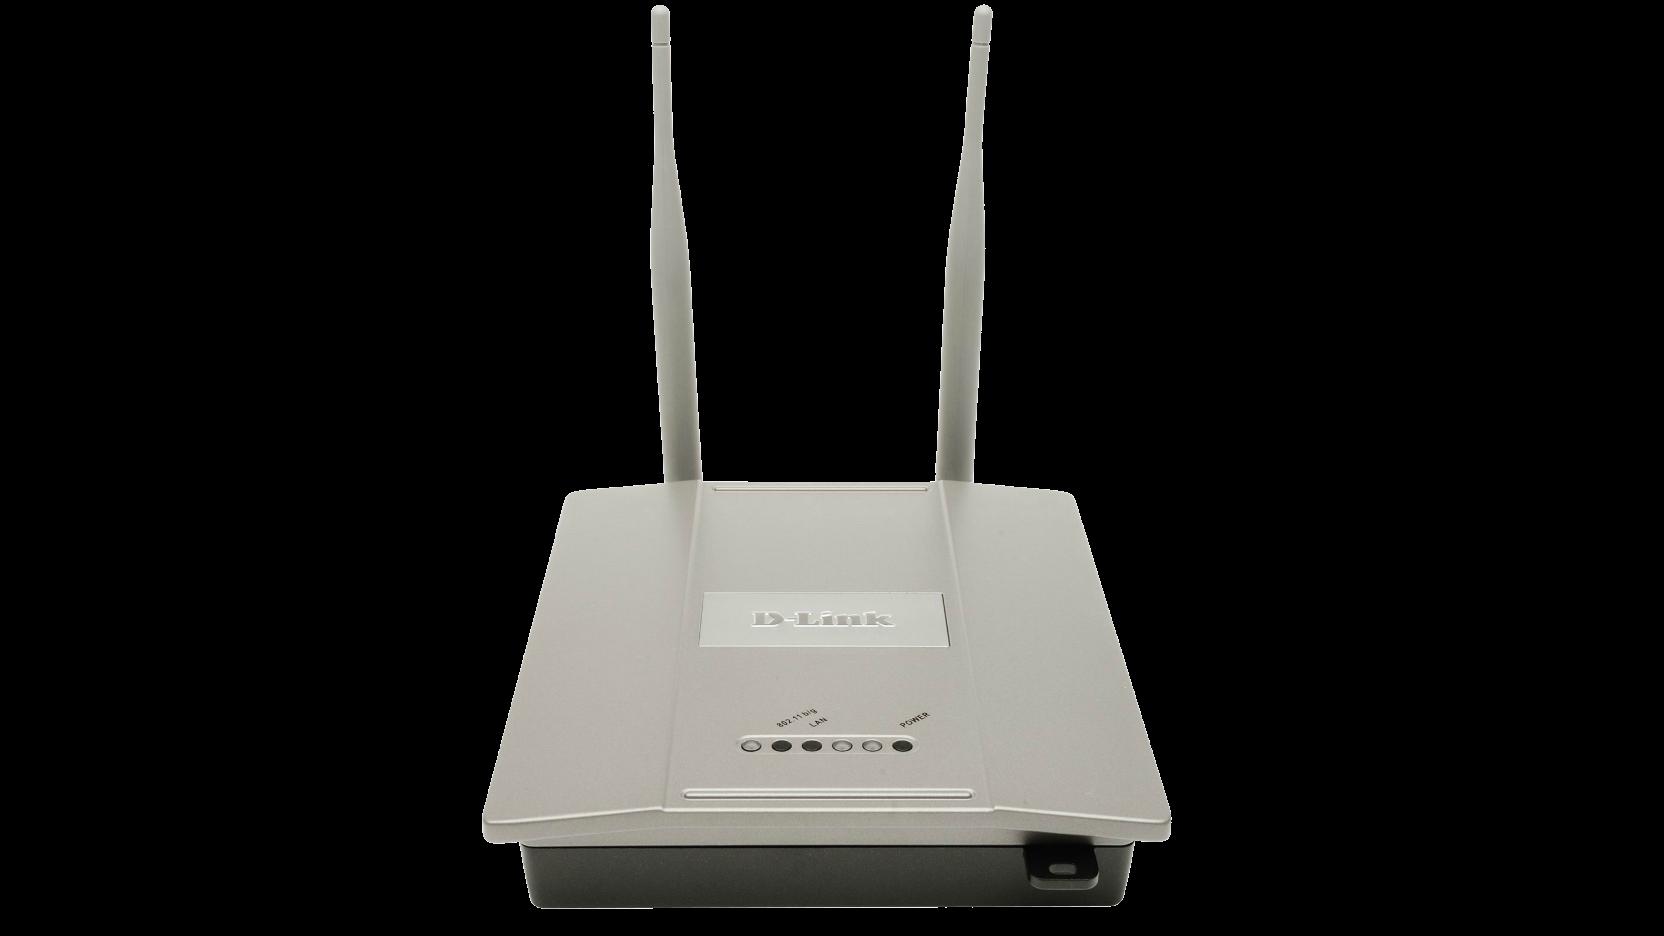 DWL-3200AP Wireless PoE Access Point | D-Link UK